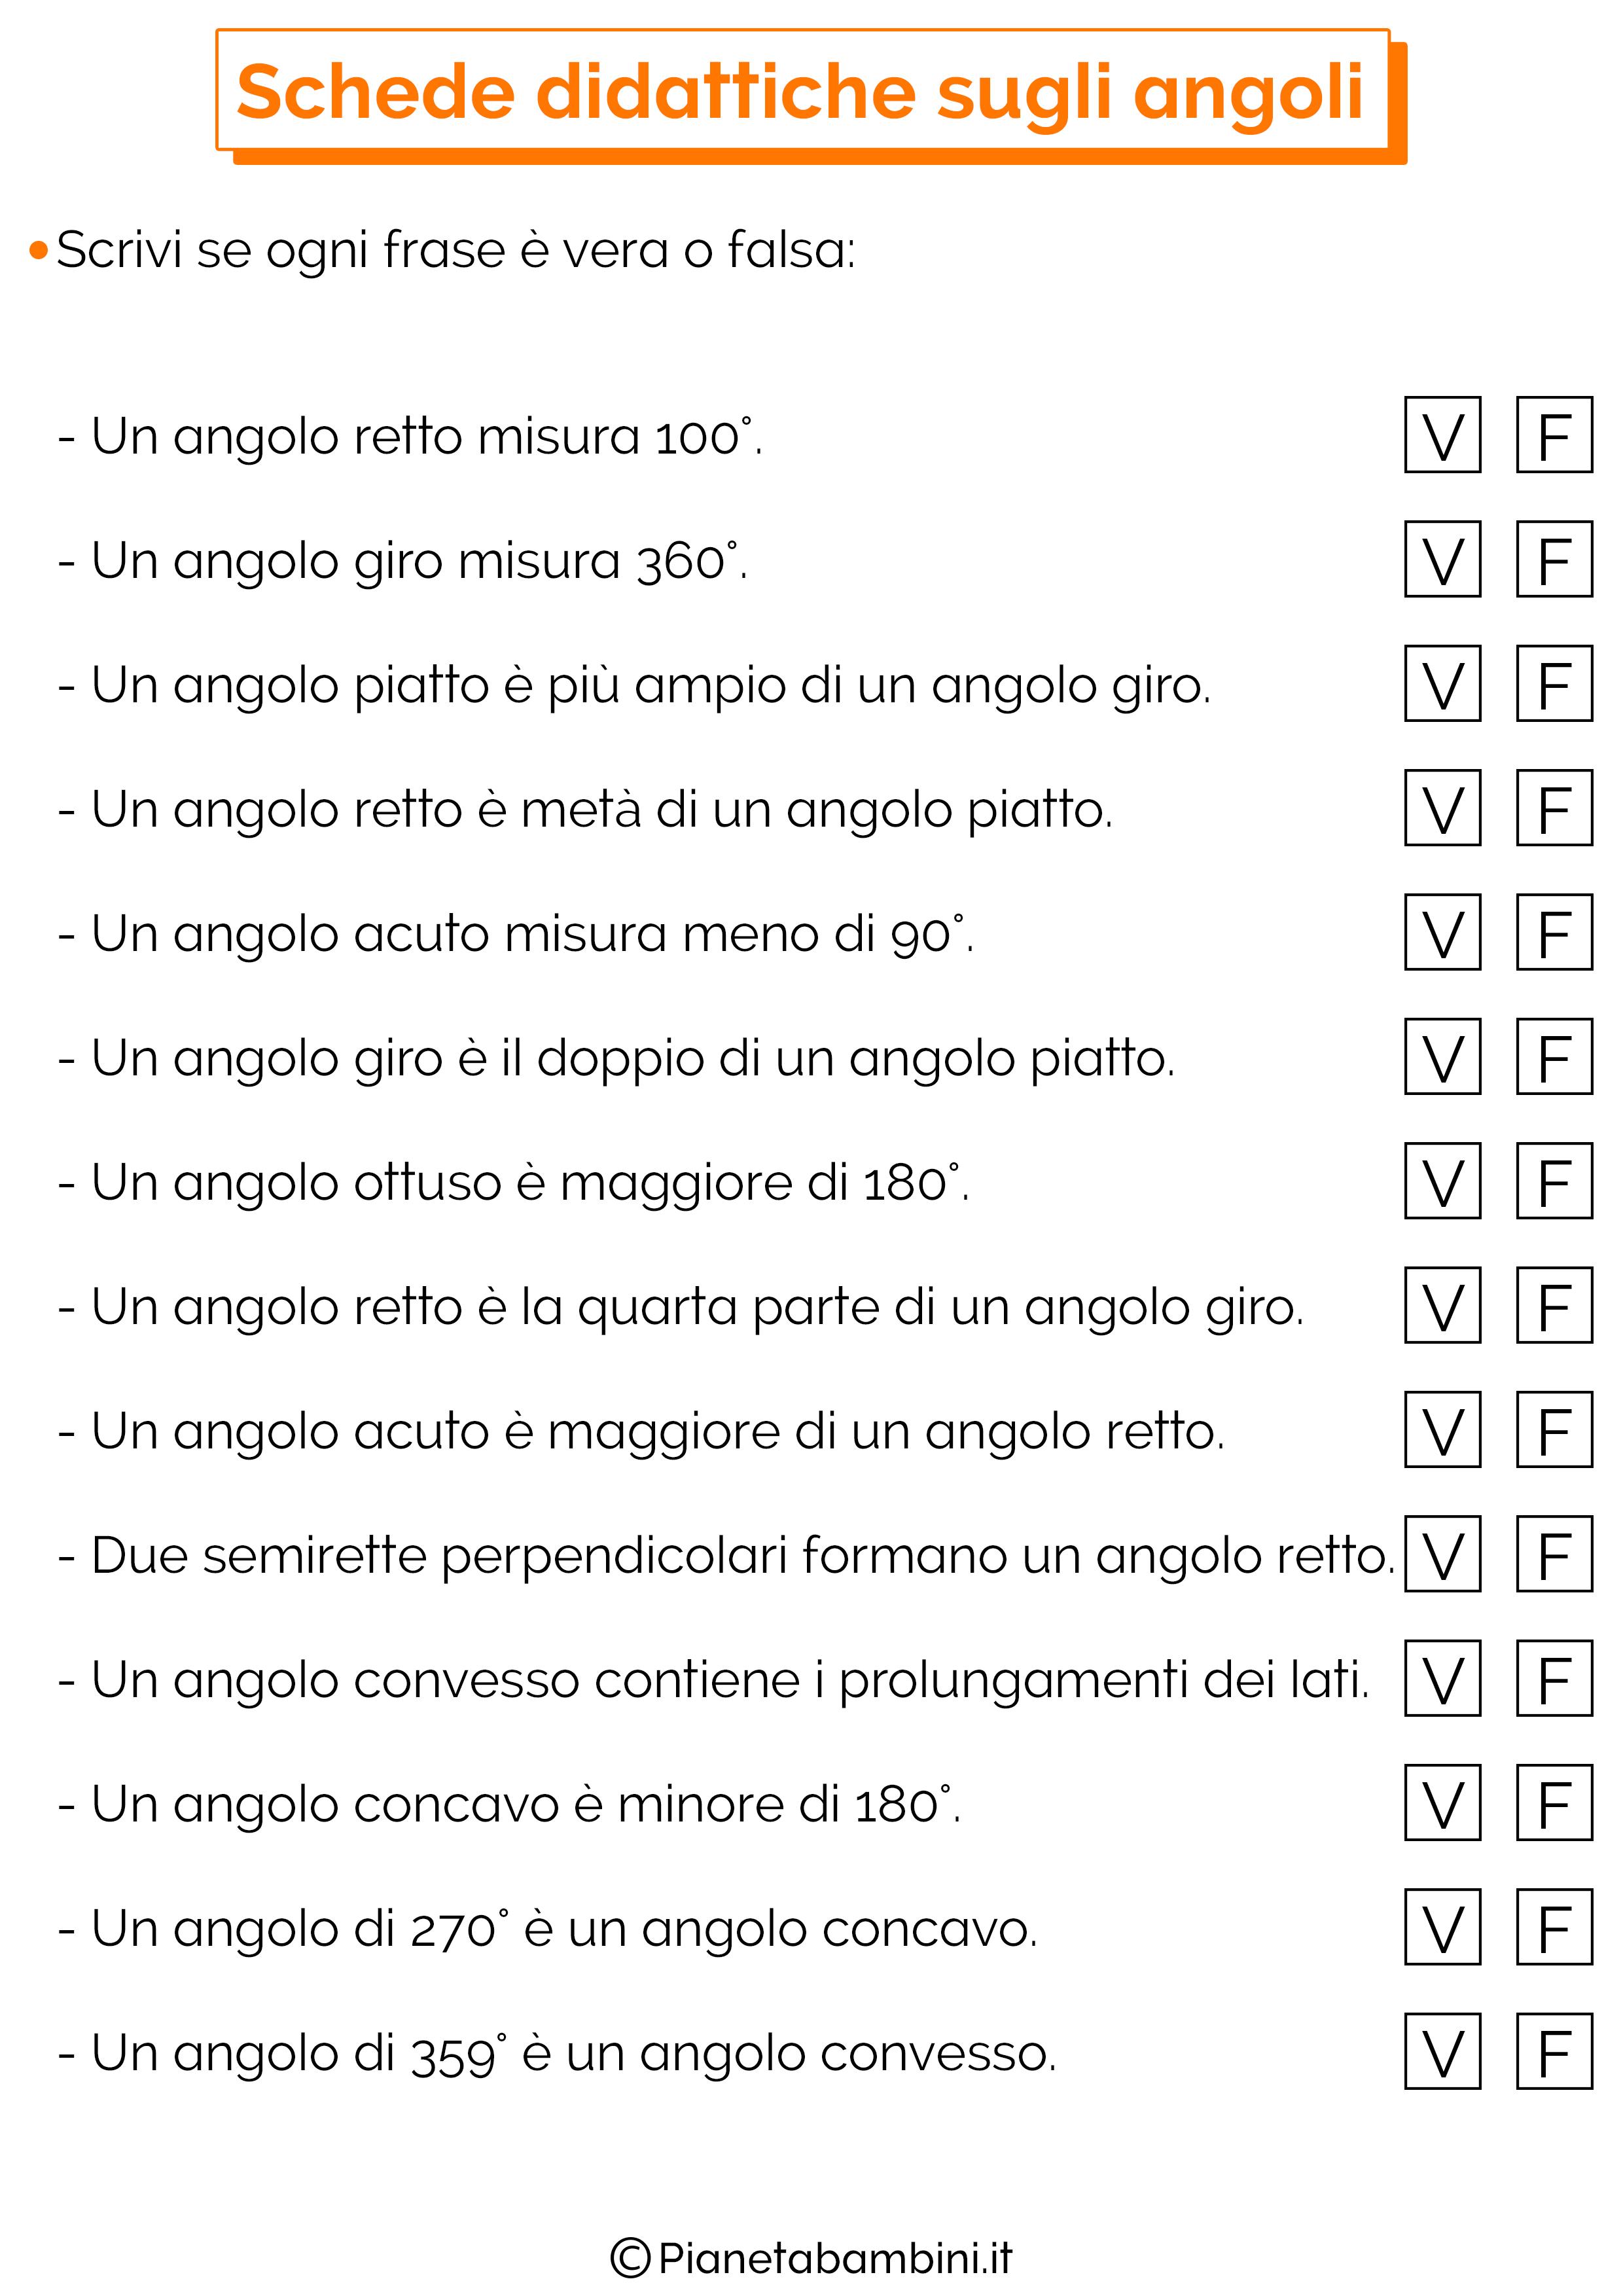 Schede Didattiche sugli Angoli per la Scuola Primaria ...